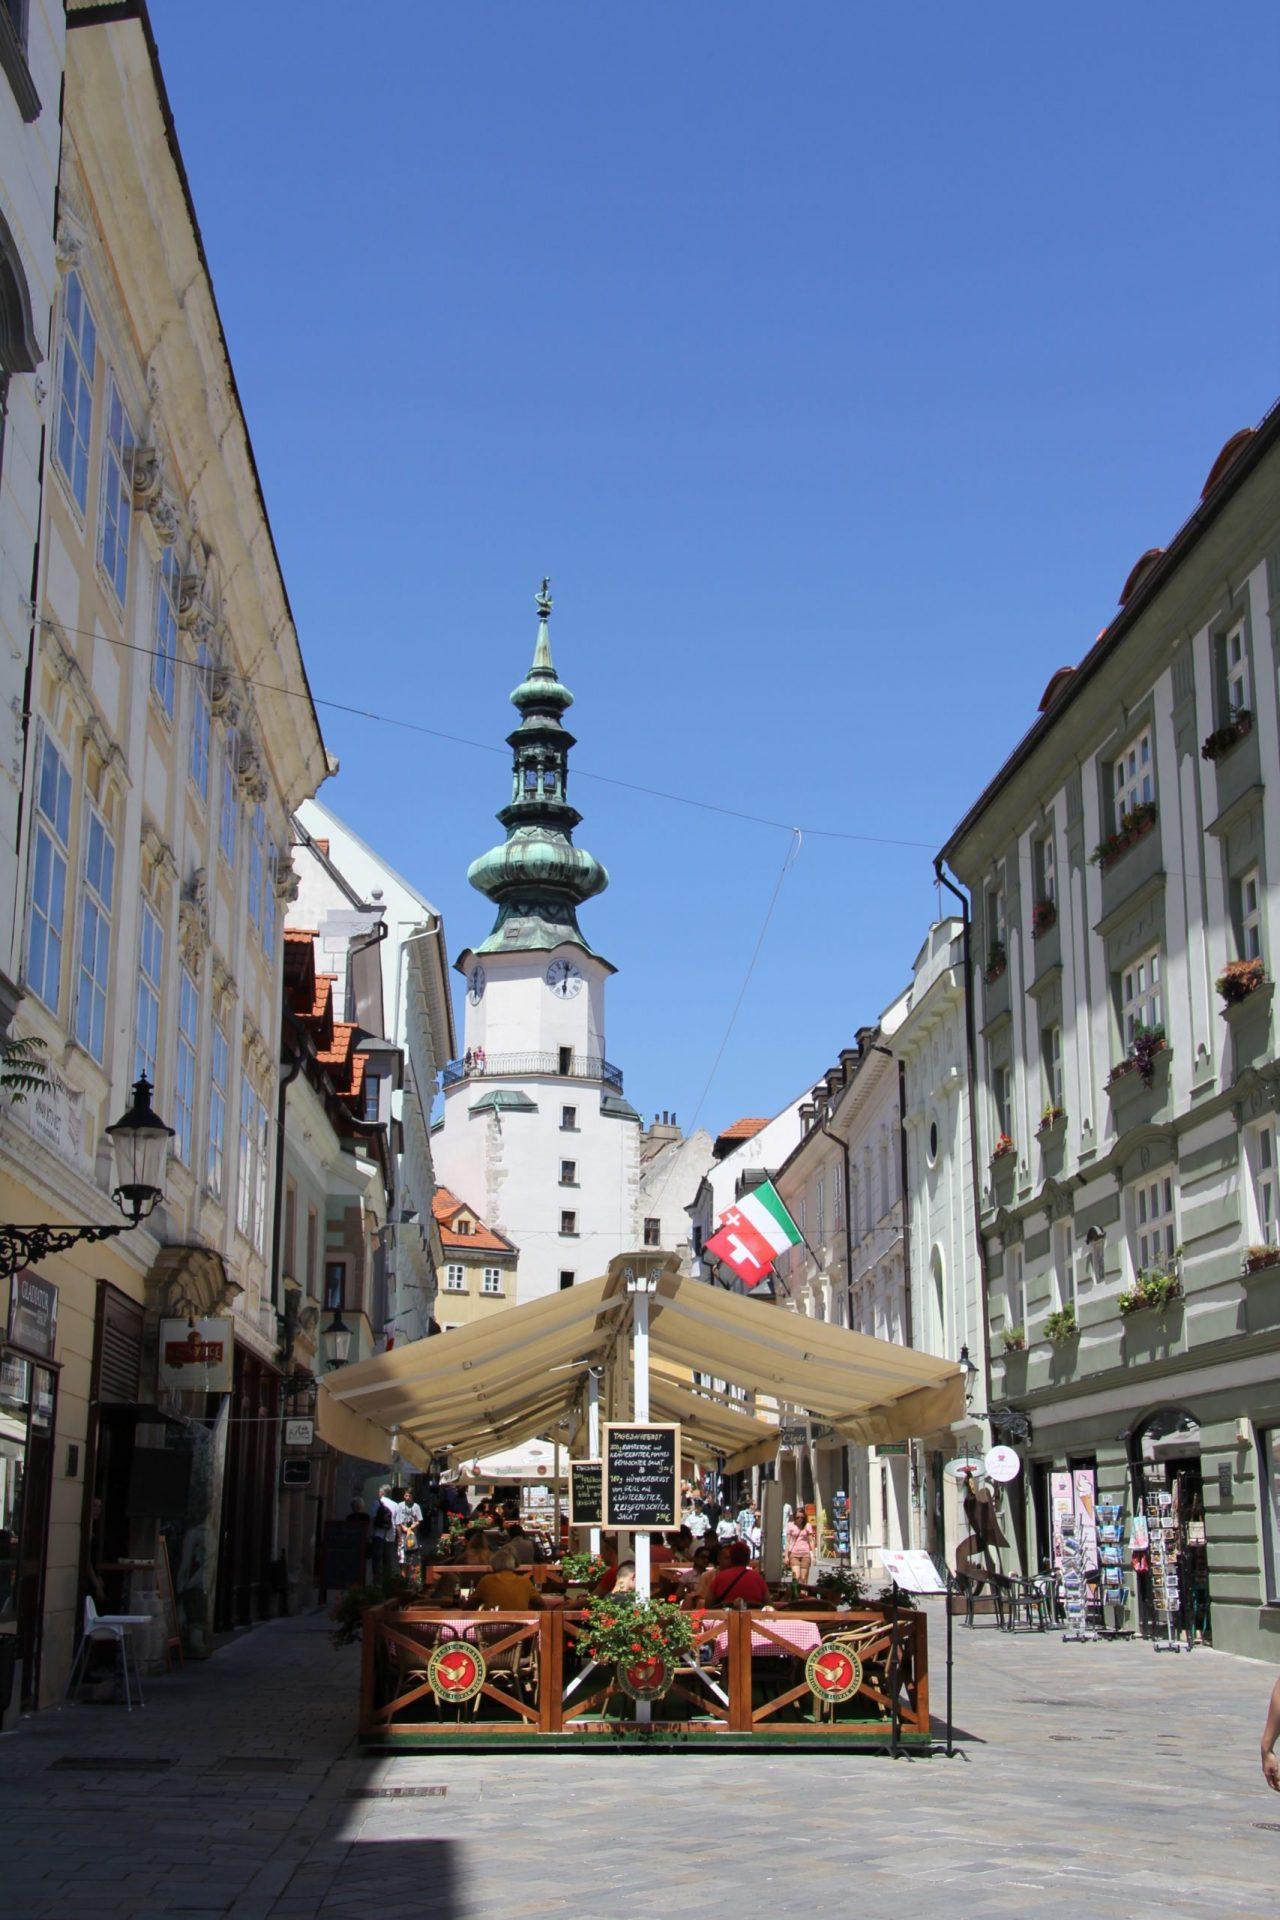 Михайловские ворота, Братислава, Словакия. Июль, 2013